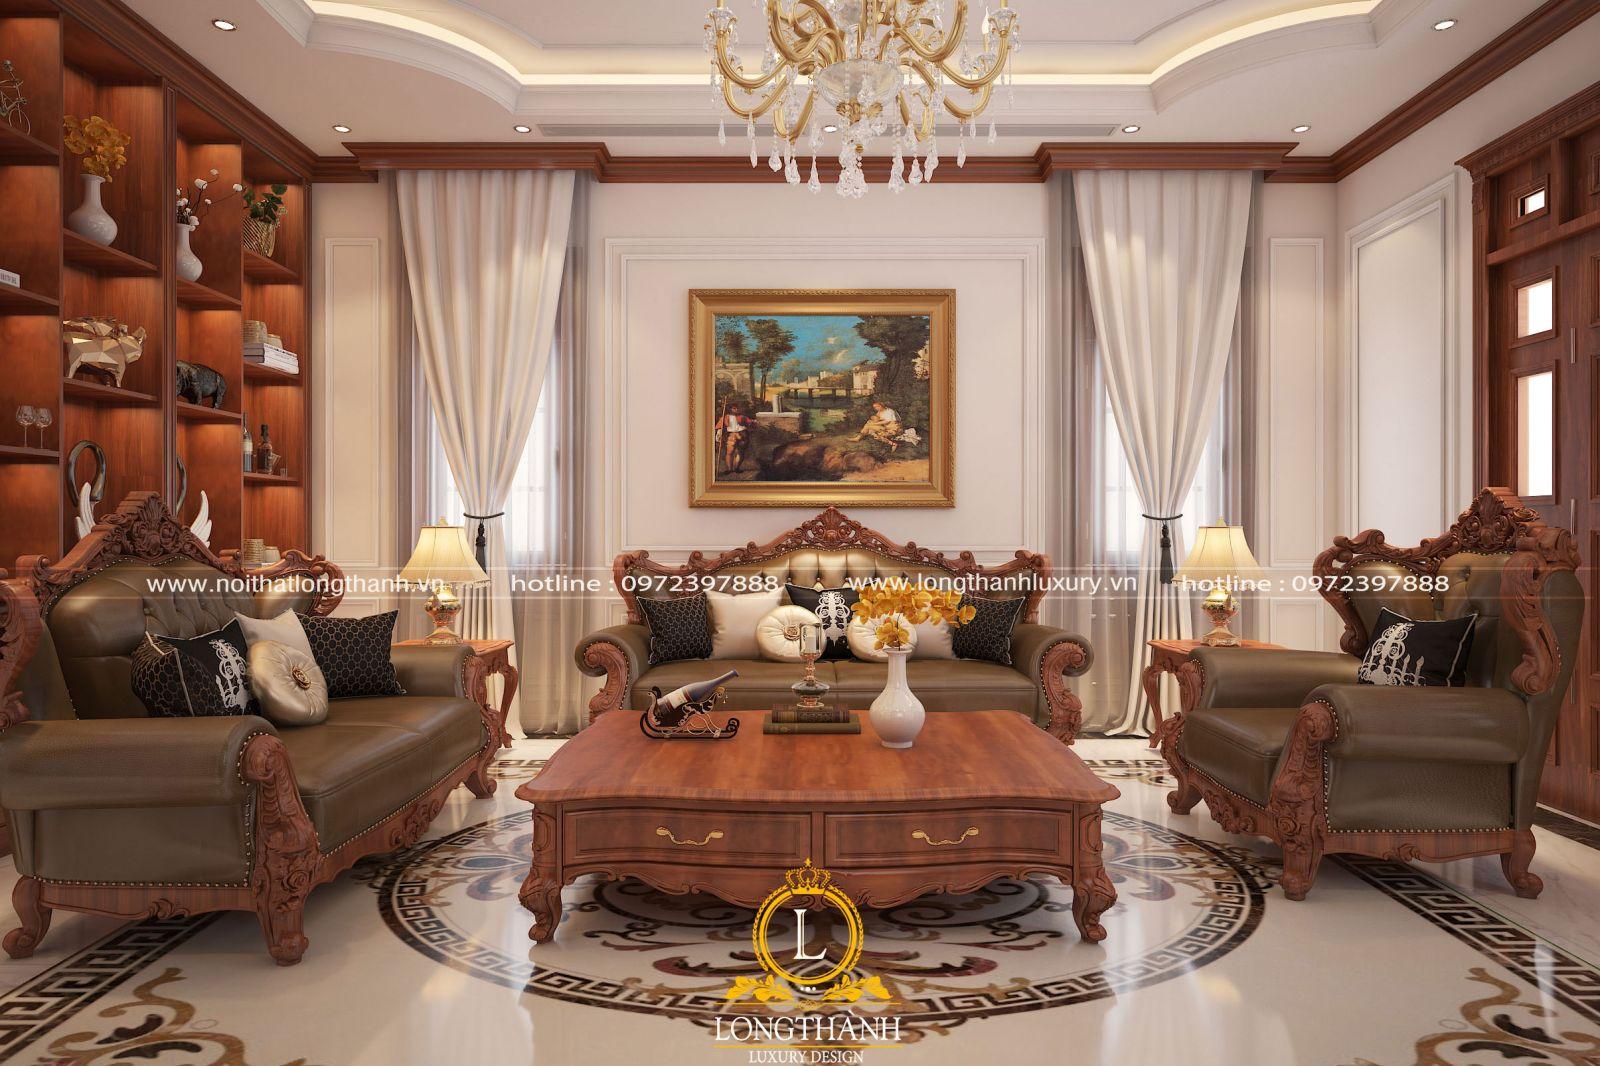 Trang trí tranh phía sau sofa giúp cho mẳng tường trống có chiều sâu hơn